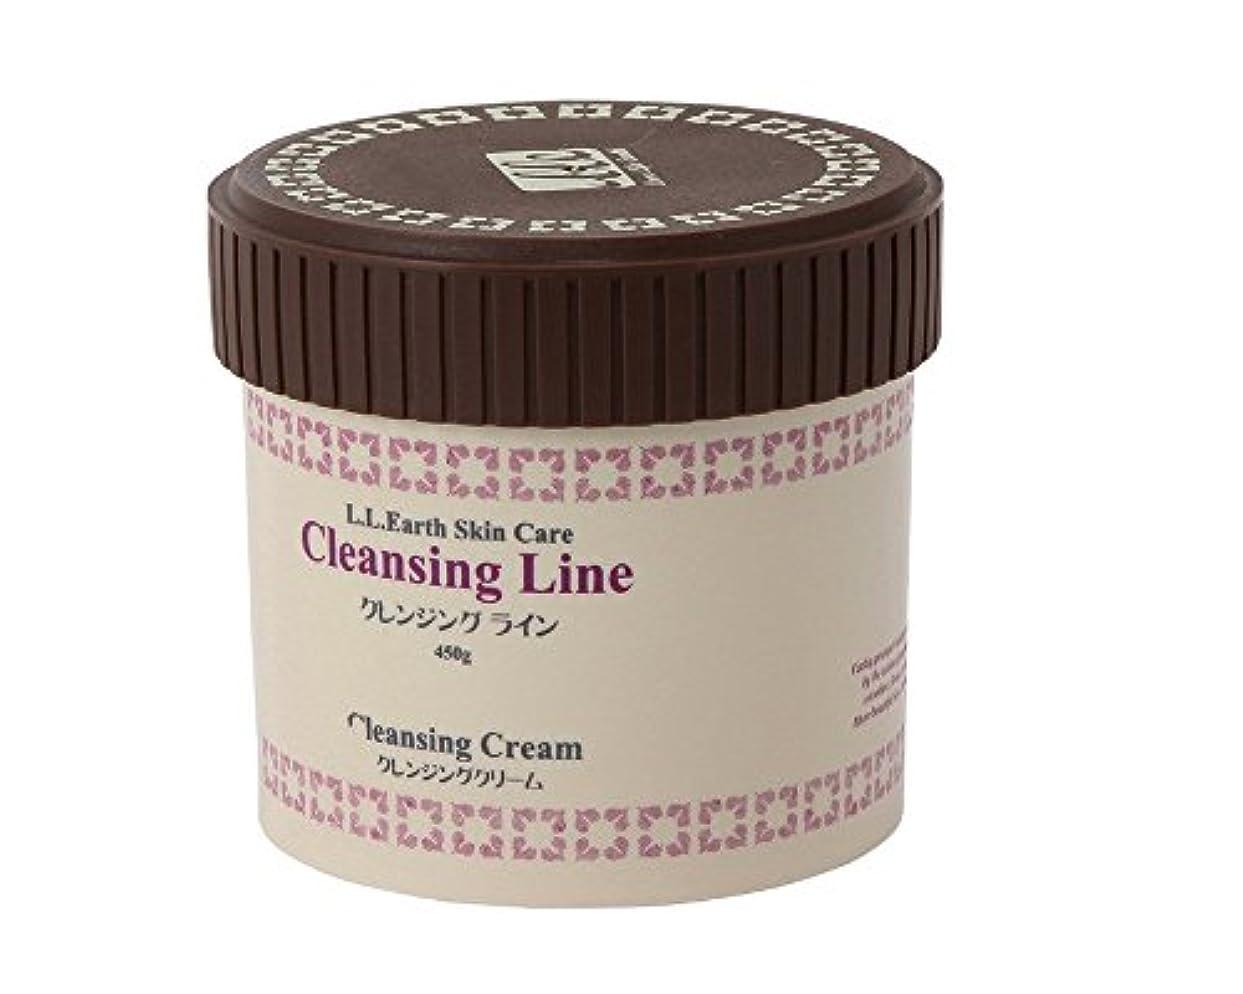 汚れる前書き発揮するLLE 業務用 クレンジングクリーム 450g ( メイク落とし 拭き取り?洗い流し両用 ) C